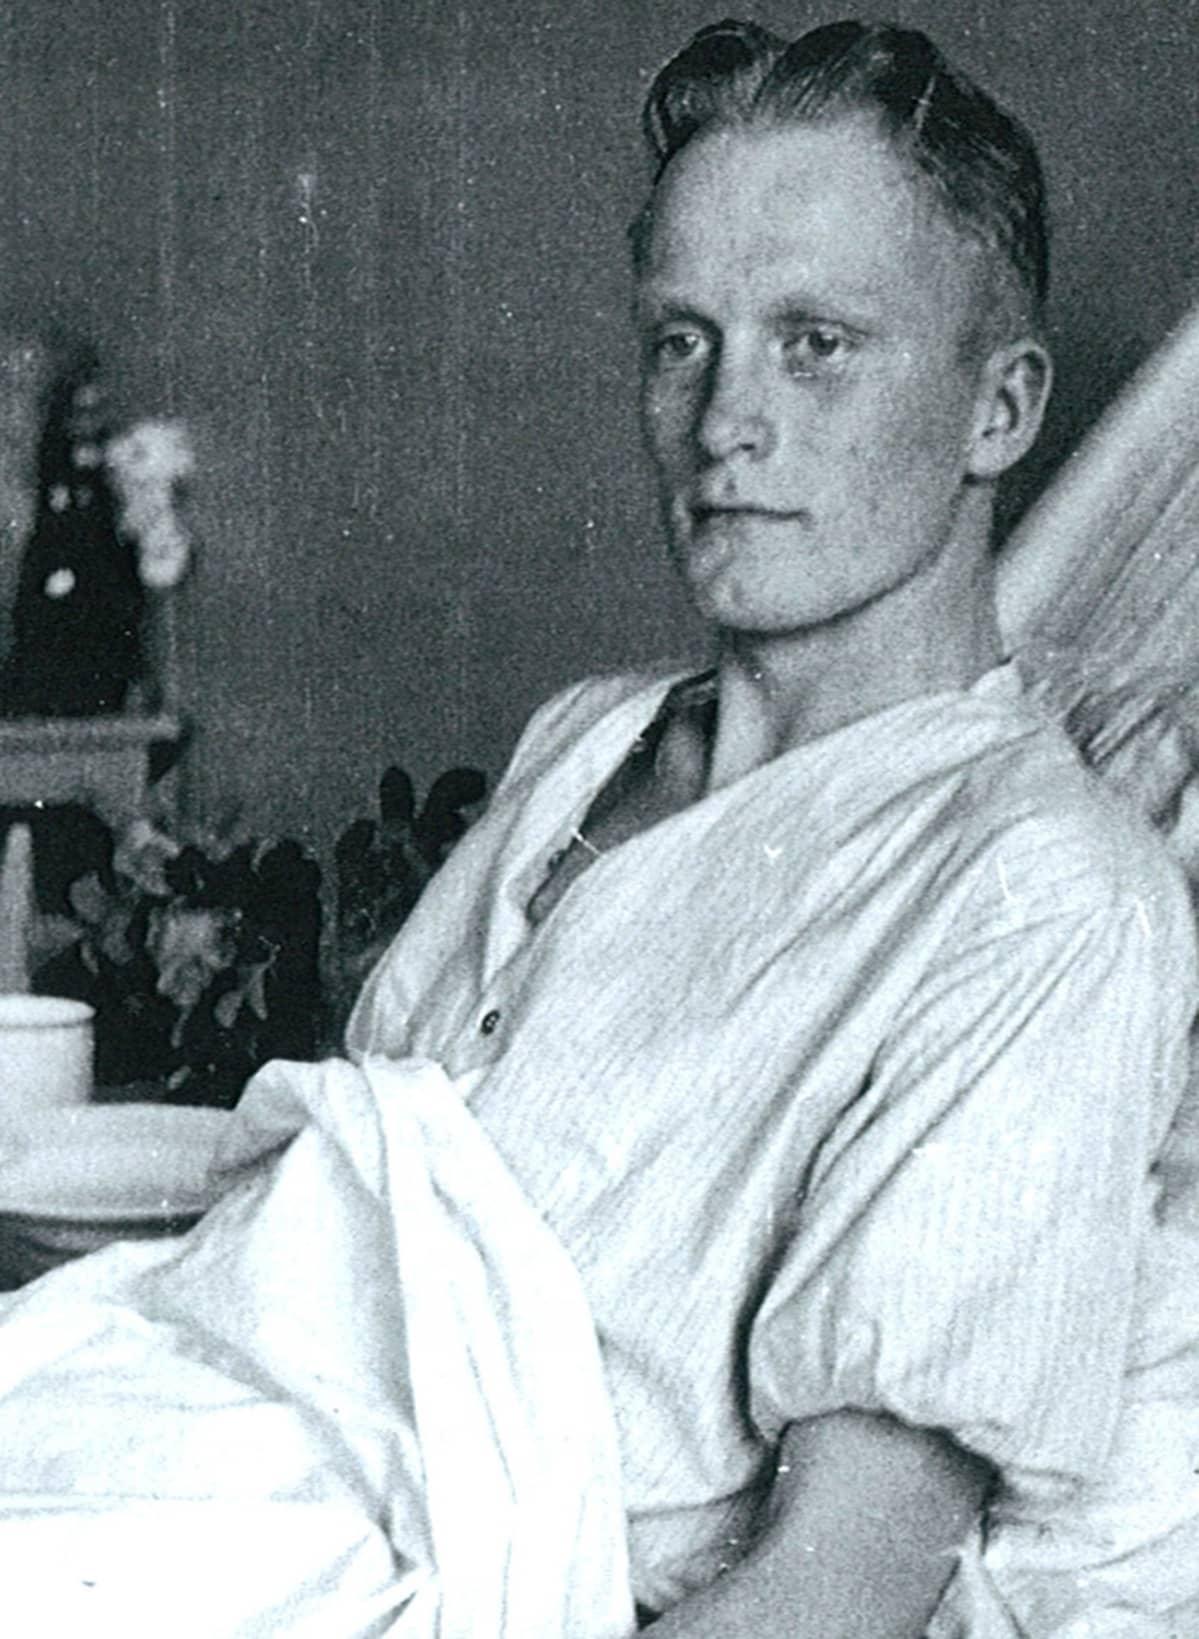 Leo Jokelainen sairaalassa